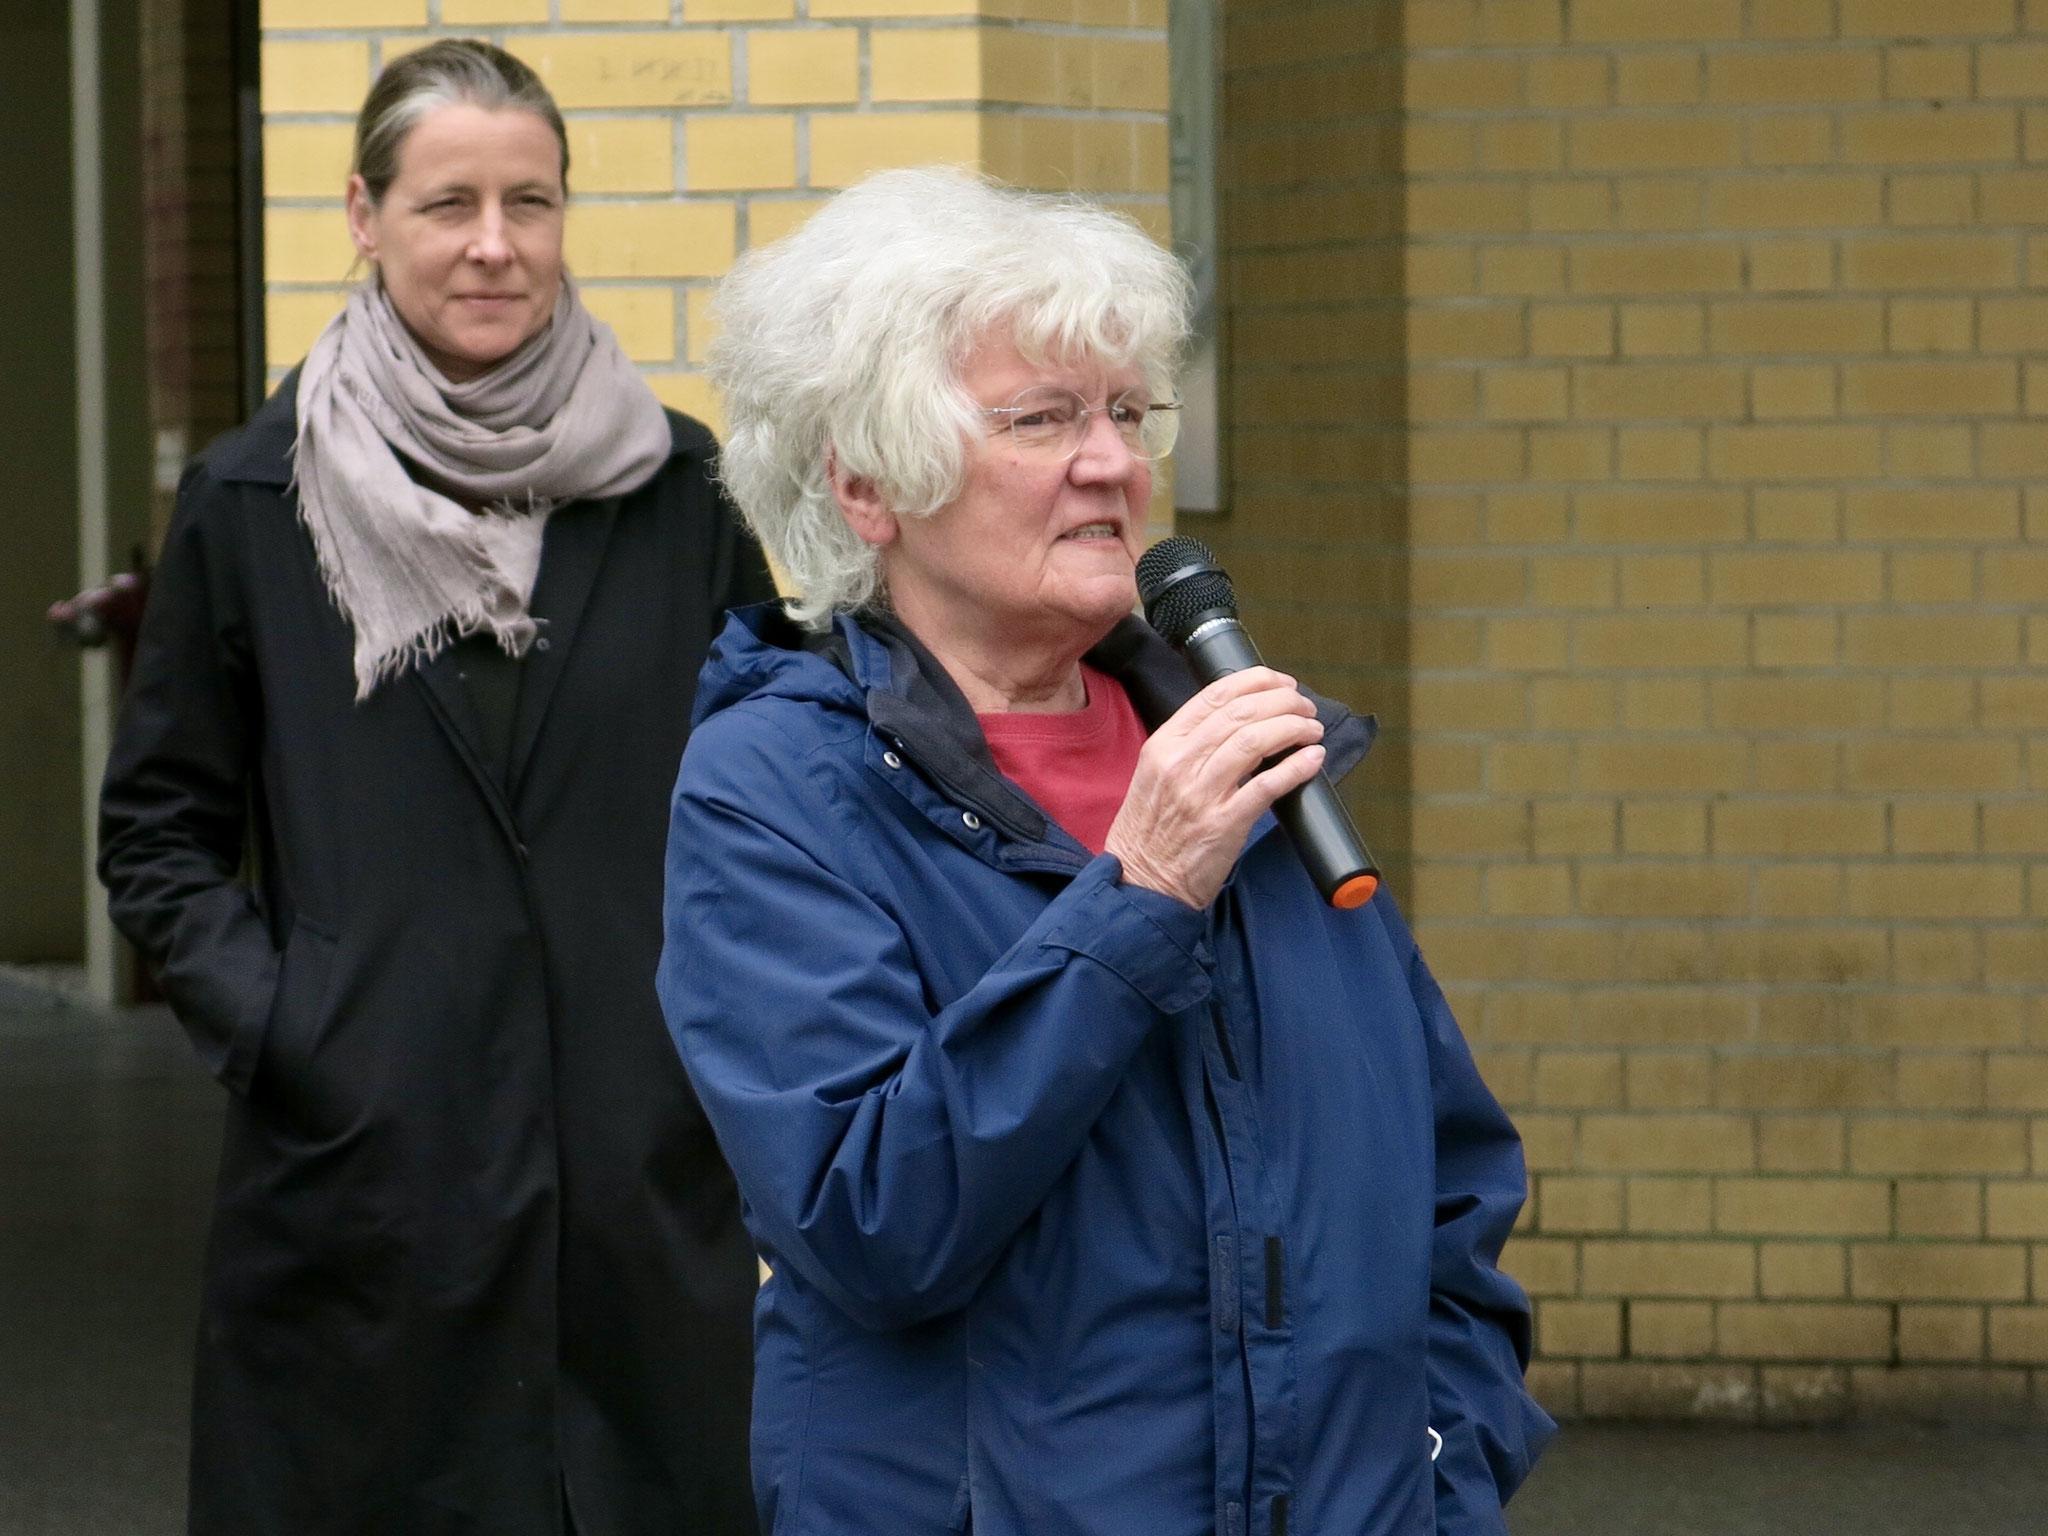 Henny Engels, Sprecherin des Frauenbeirats und Mitglied im Bundesvorstand des deutschen Lesben- und Schwulenverbands